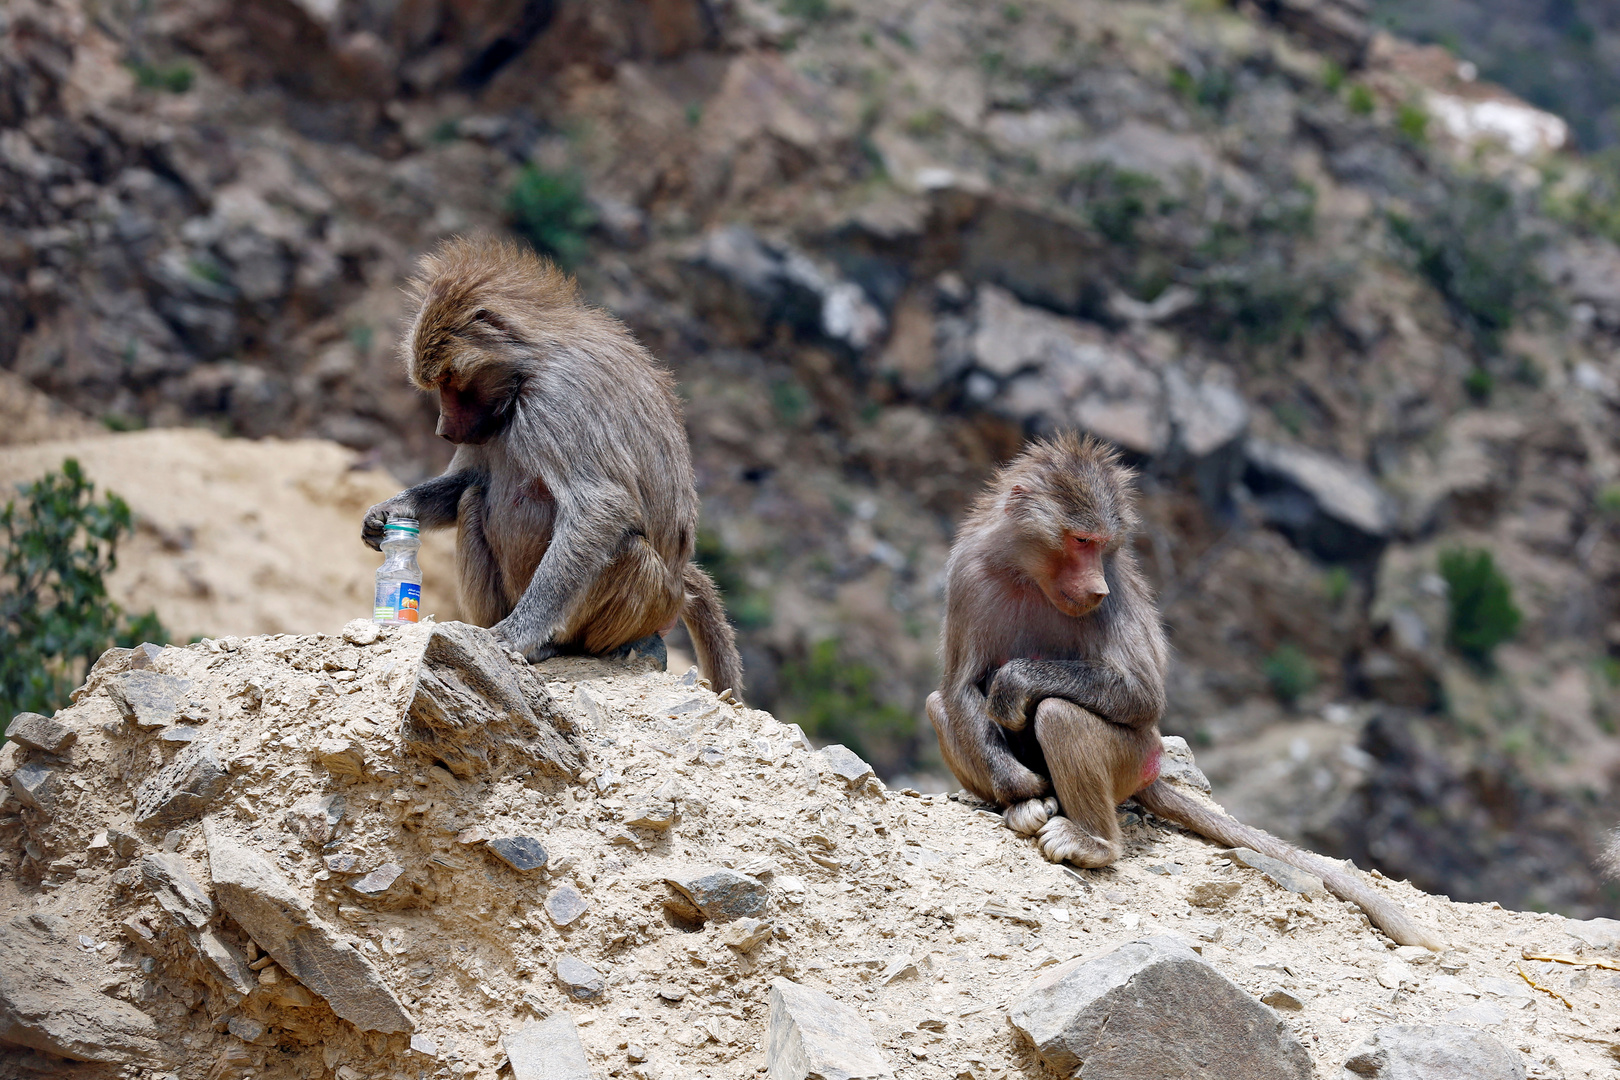 قرود تجلس على جبل في أبها، المملكة العربية السعودية